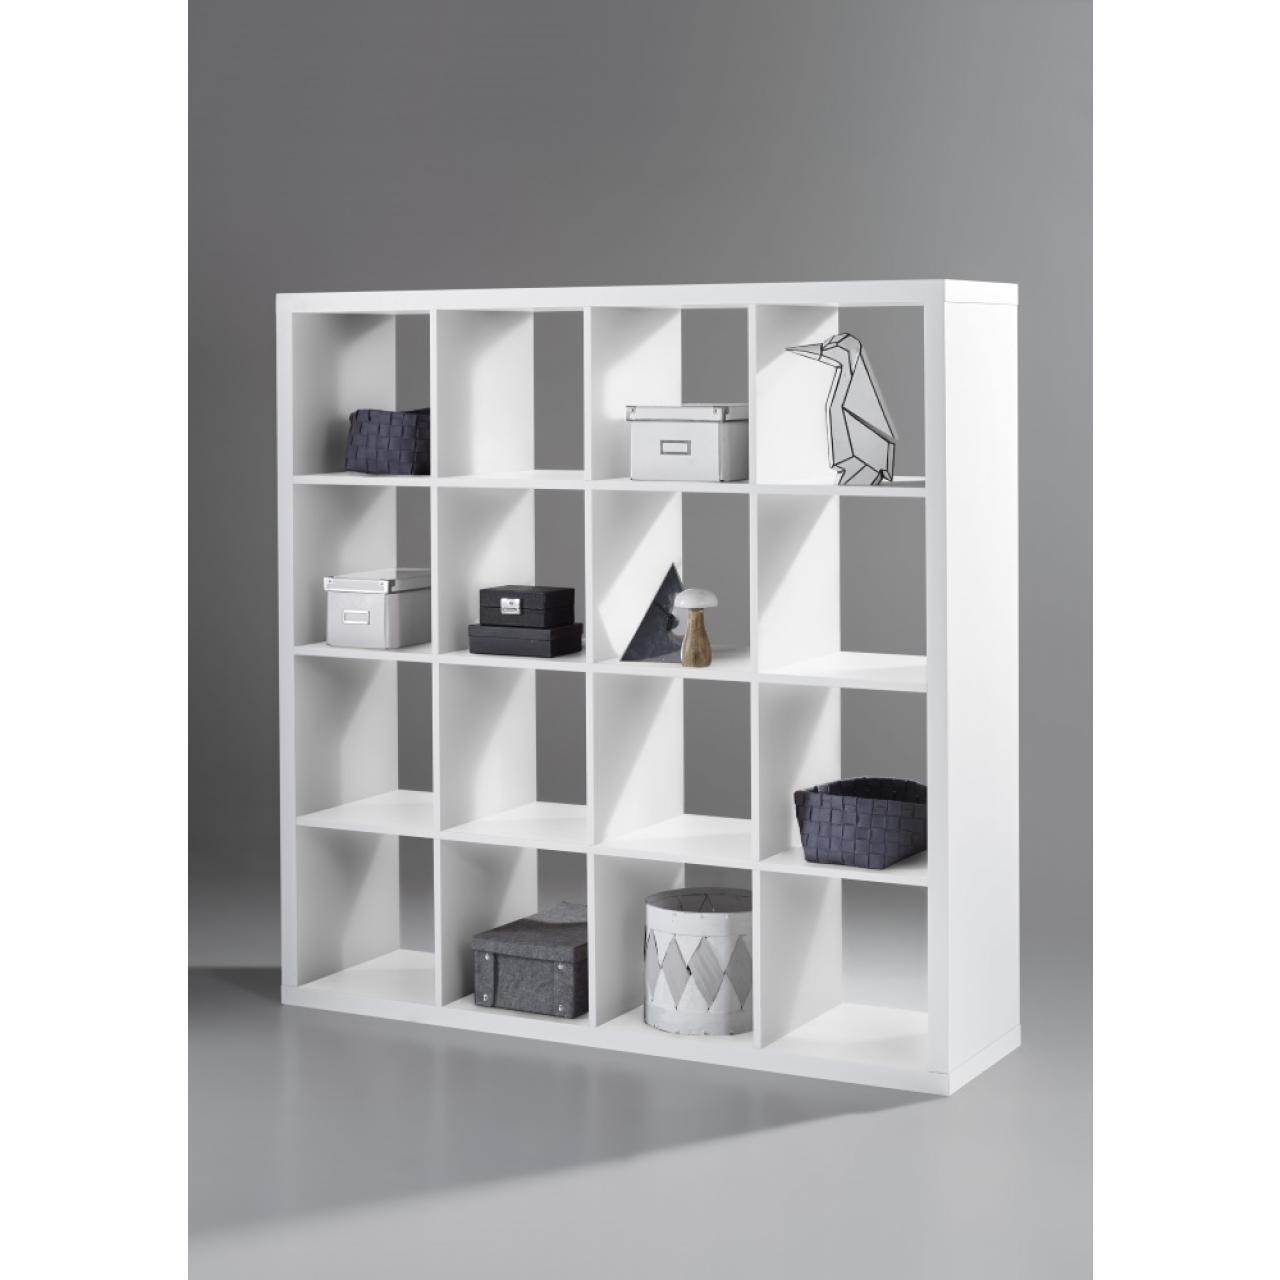 Raumteiler Style 136 weiß 16 Fächer Regal Standregal Raumtrenner Wohnzimmer